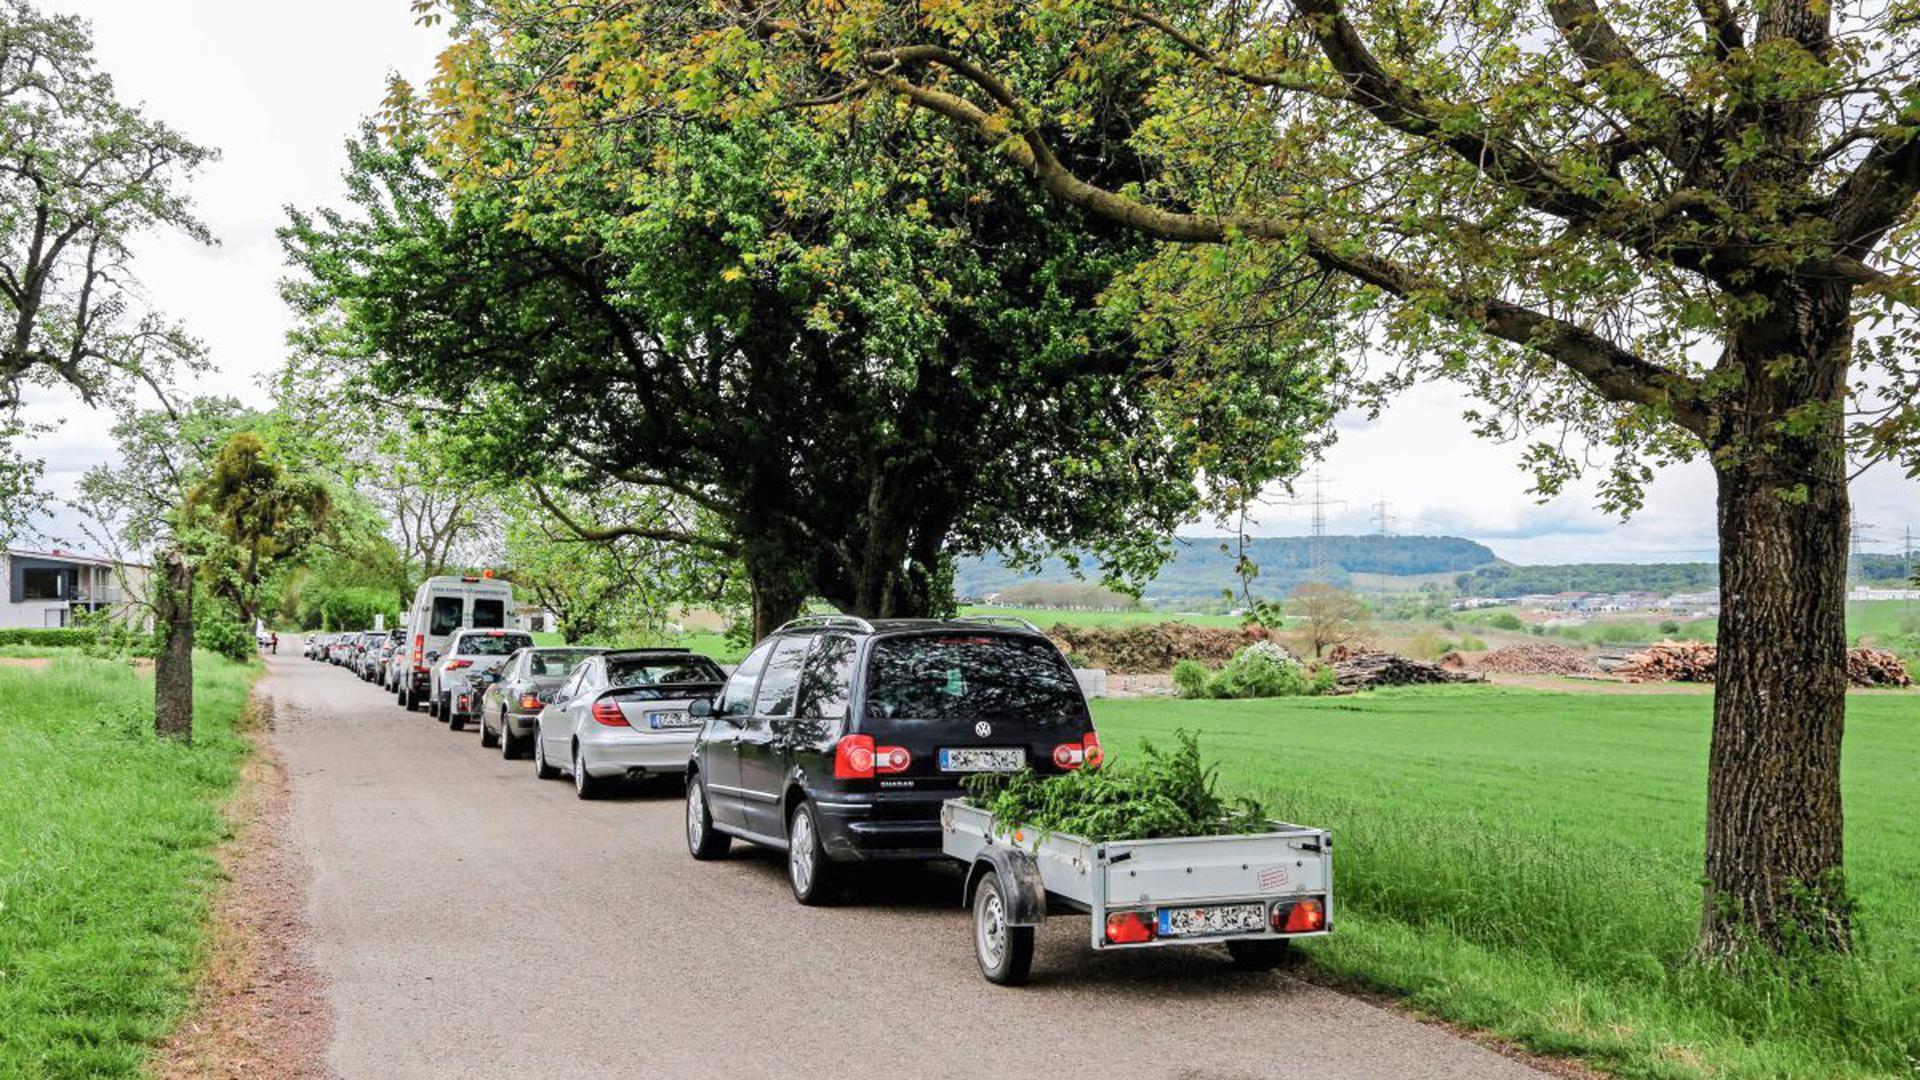 Eine lange Warteschlange hat sich vor dem Grüngutsammelplatz der Stadt Bretten am Ortsausgang Richtung Großvillars gebildet.